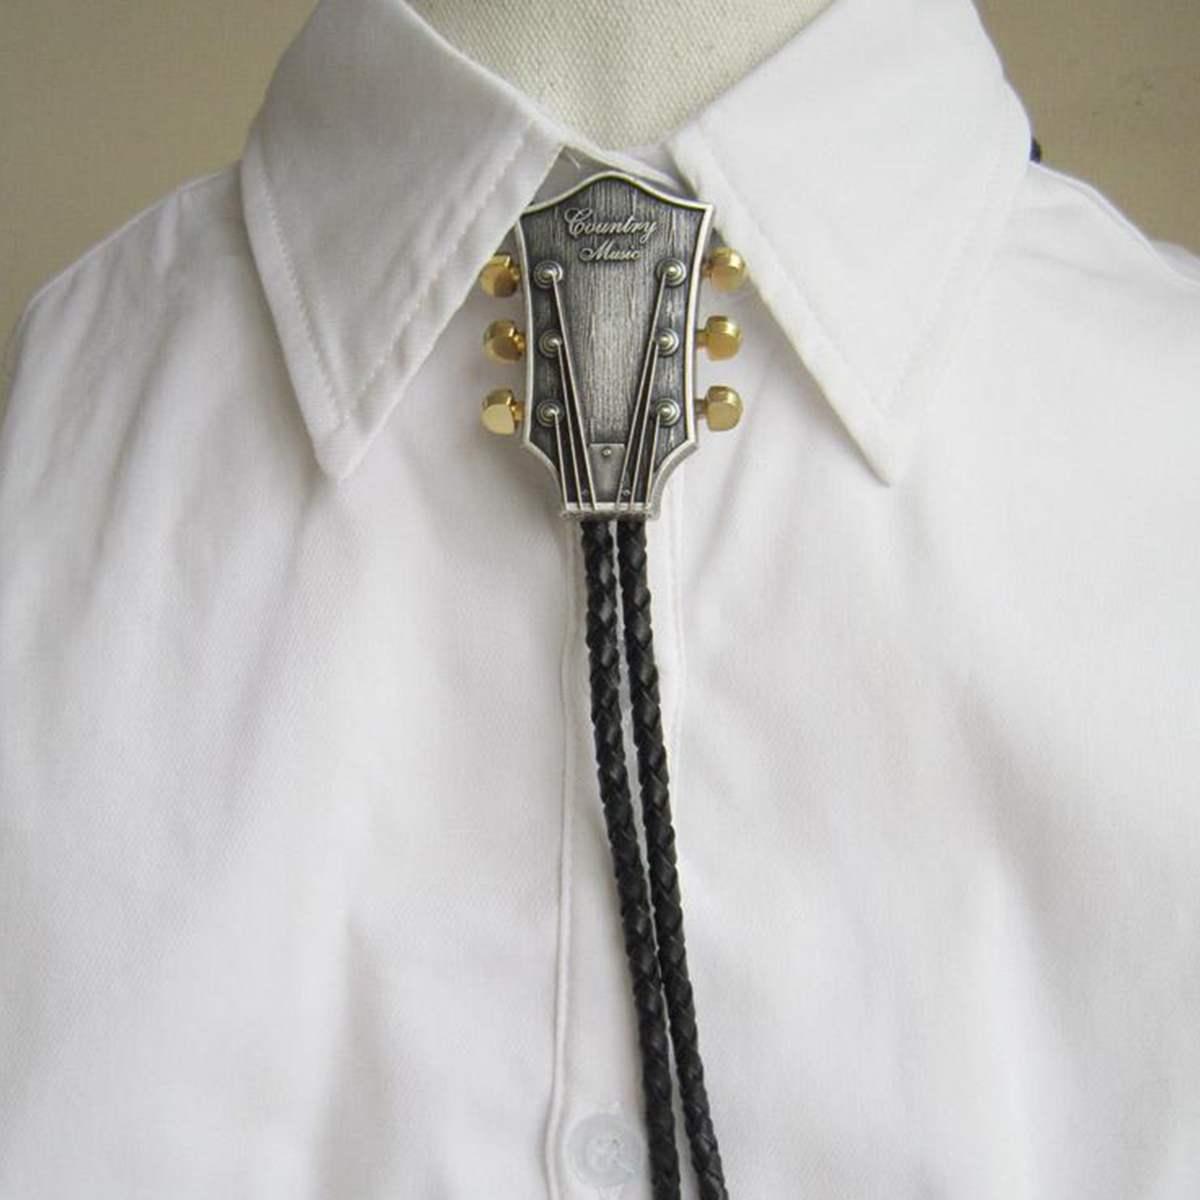 Lesov de los hombres de la moda de vaquero, corbata de Hombre Accesorios negro de cuero de la PU de corbata de Bolo con